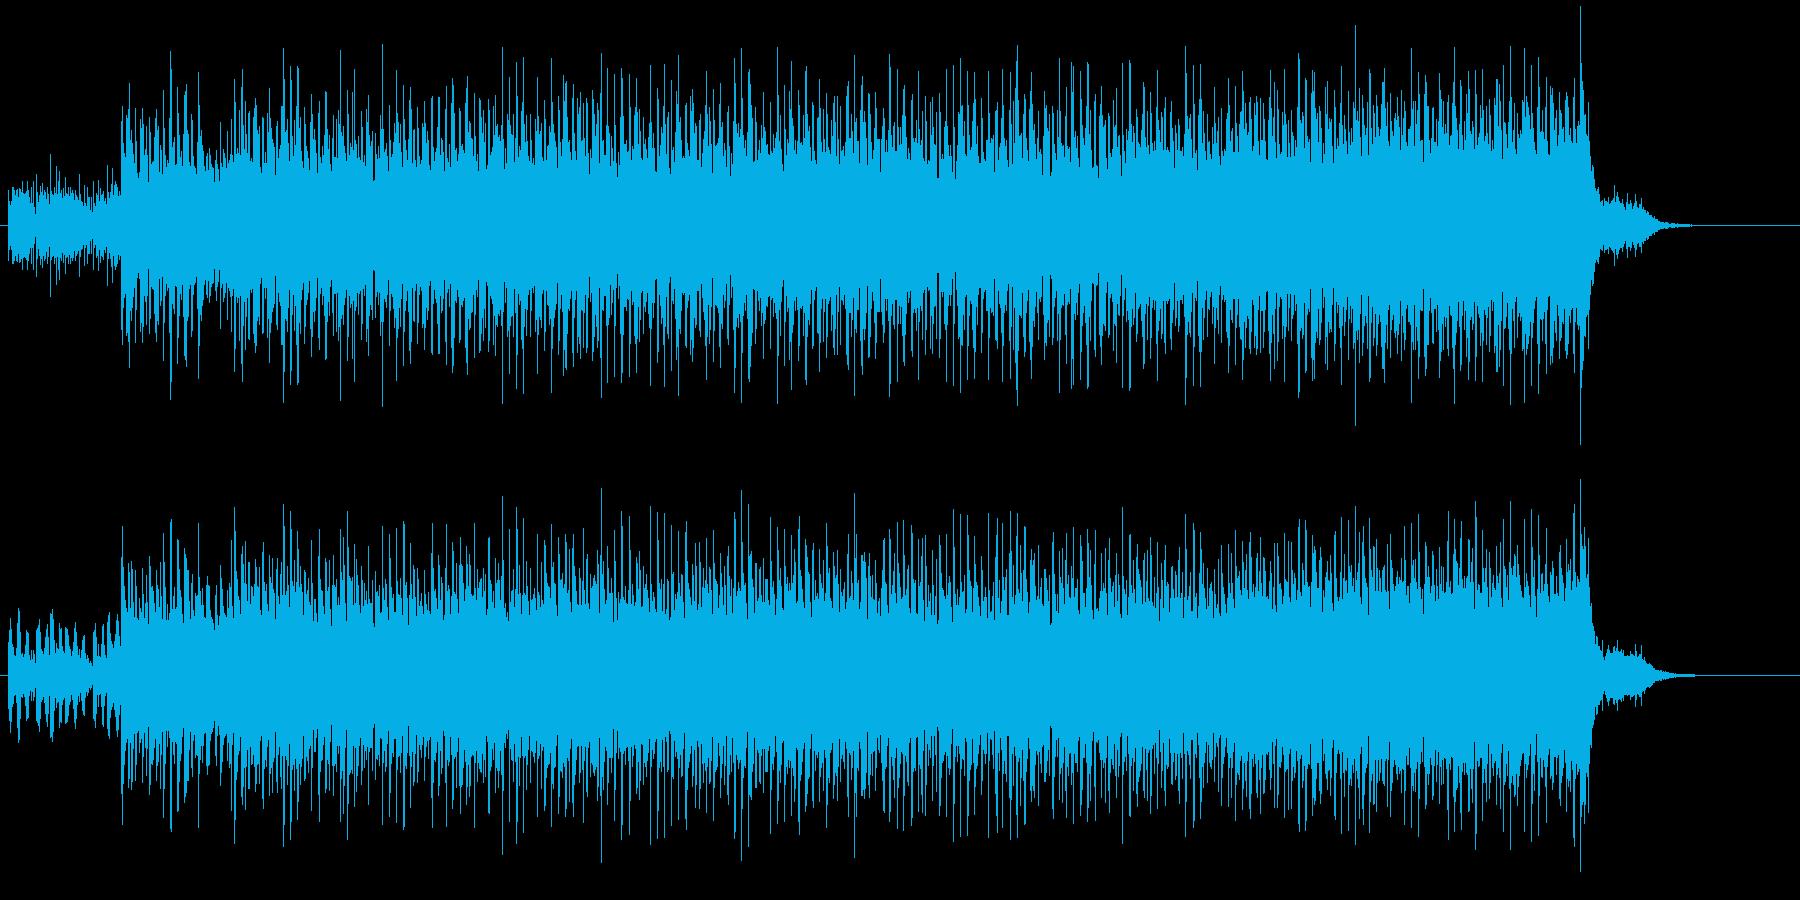 夜の静寂を描いたハウス/フュージョンの再生済みの波形